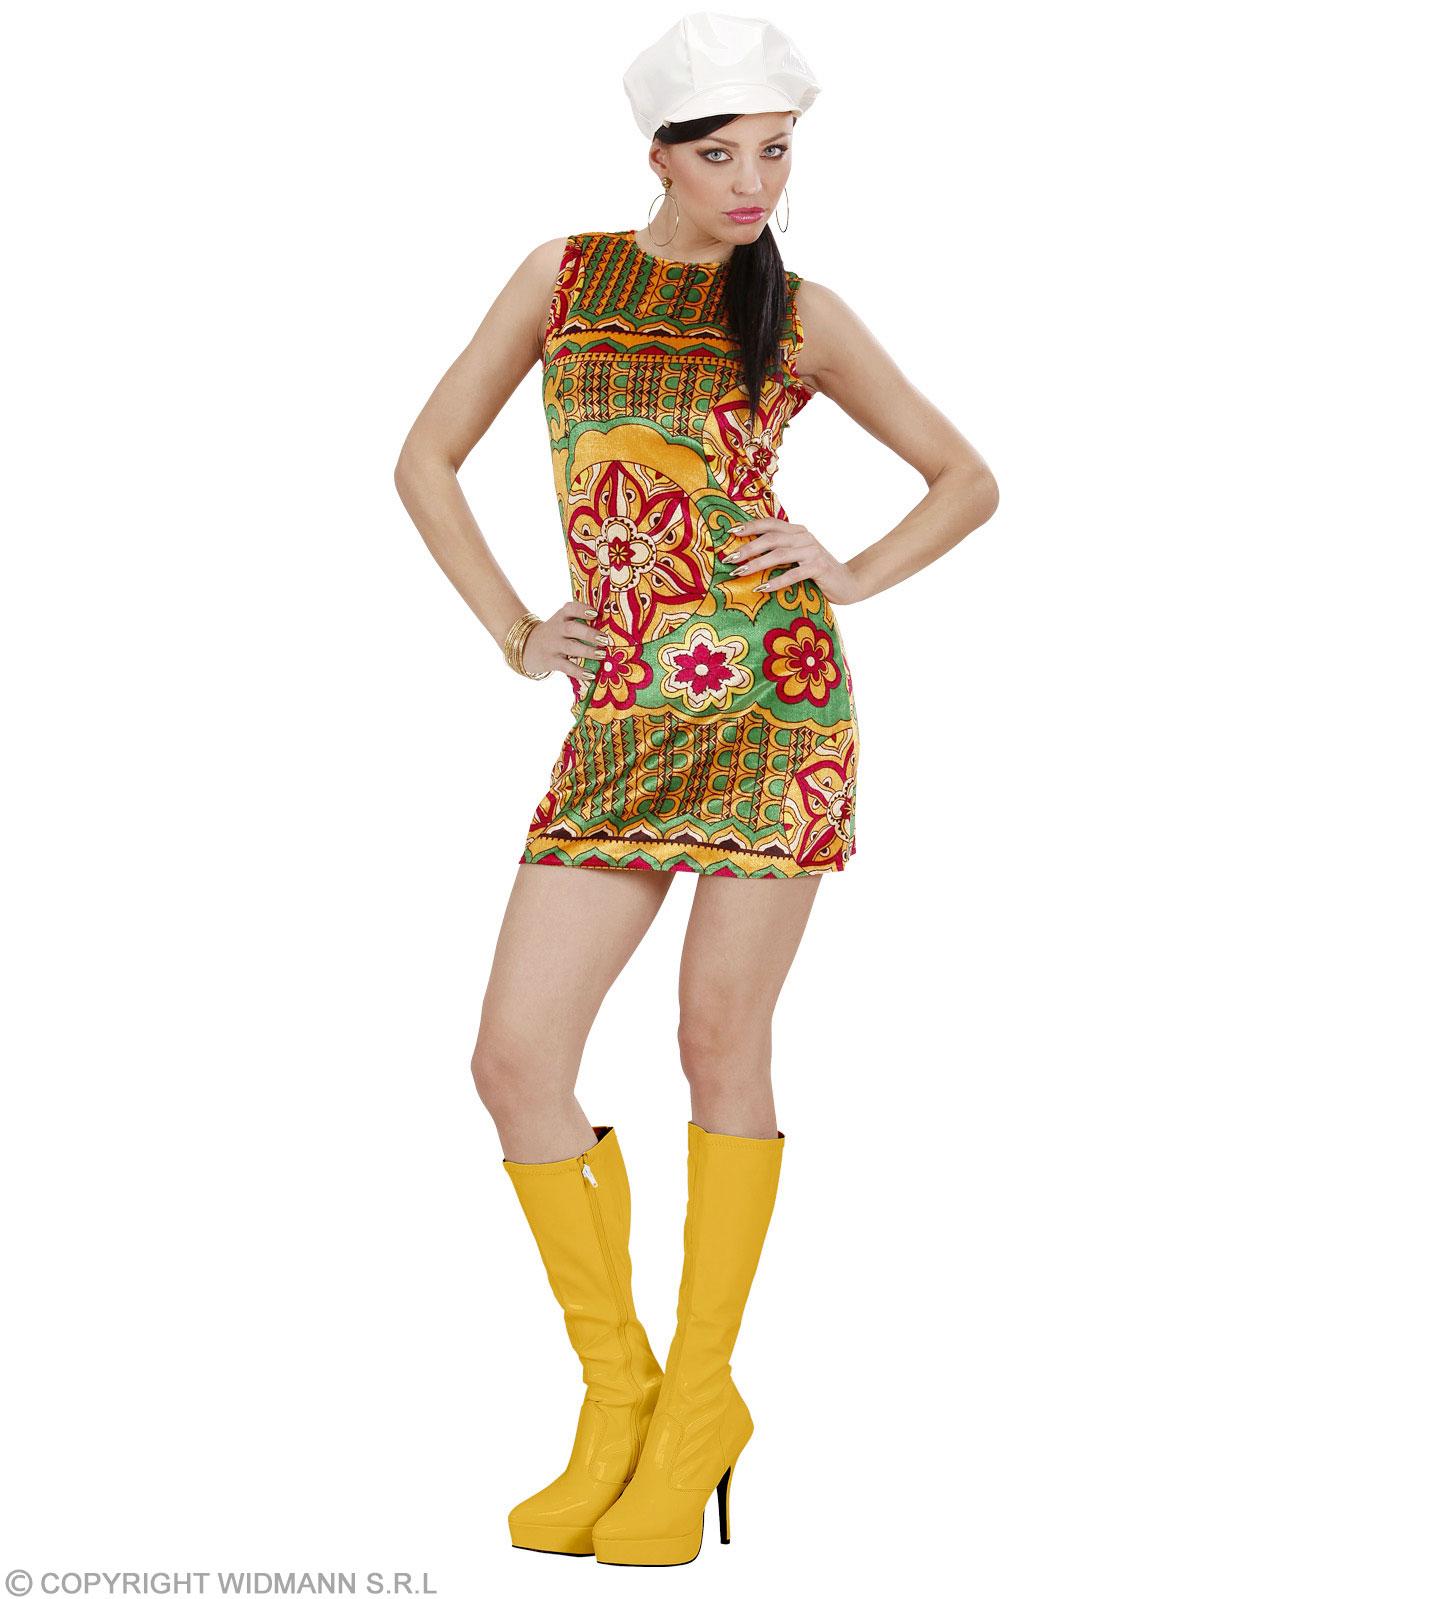 Details zu Kostüm 10er Jahre Kleid - 10 ties - Sommerkleid Samt Minikleid